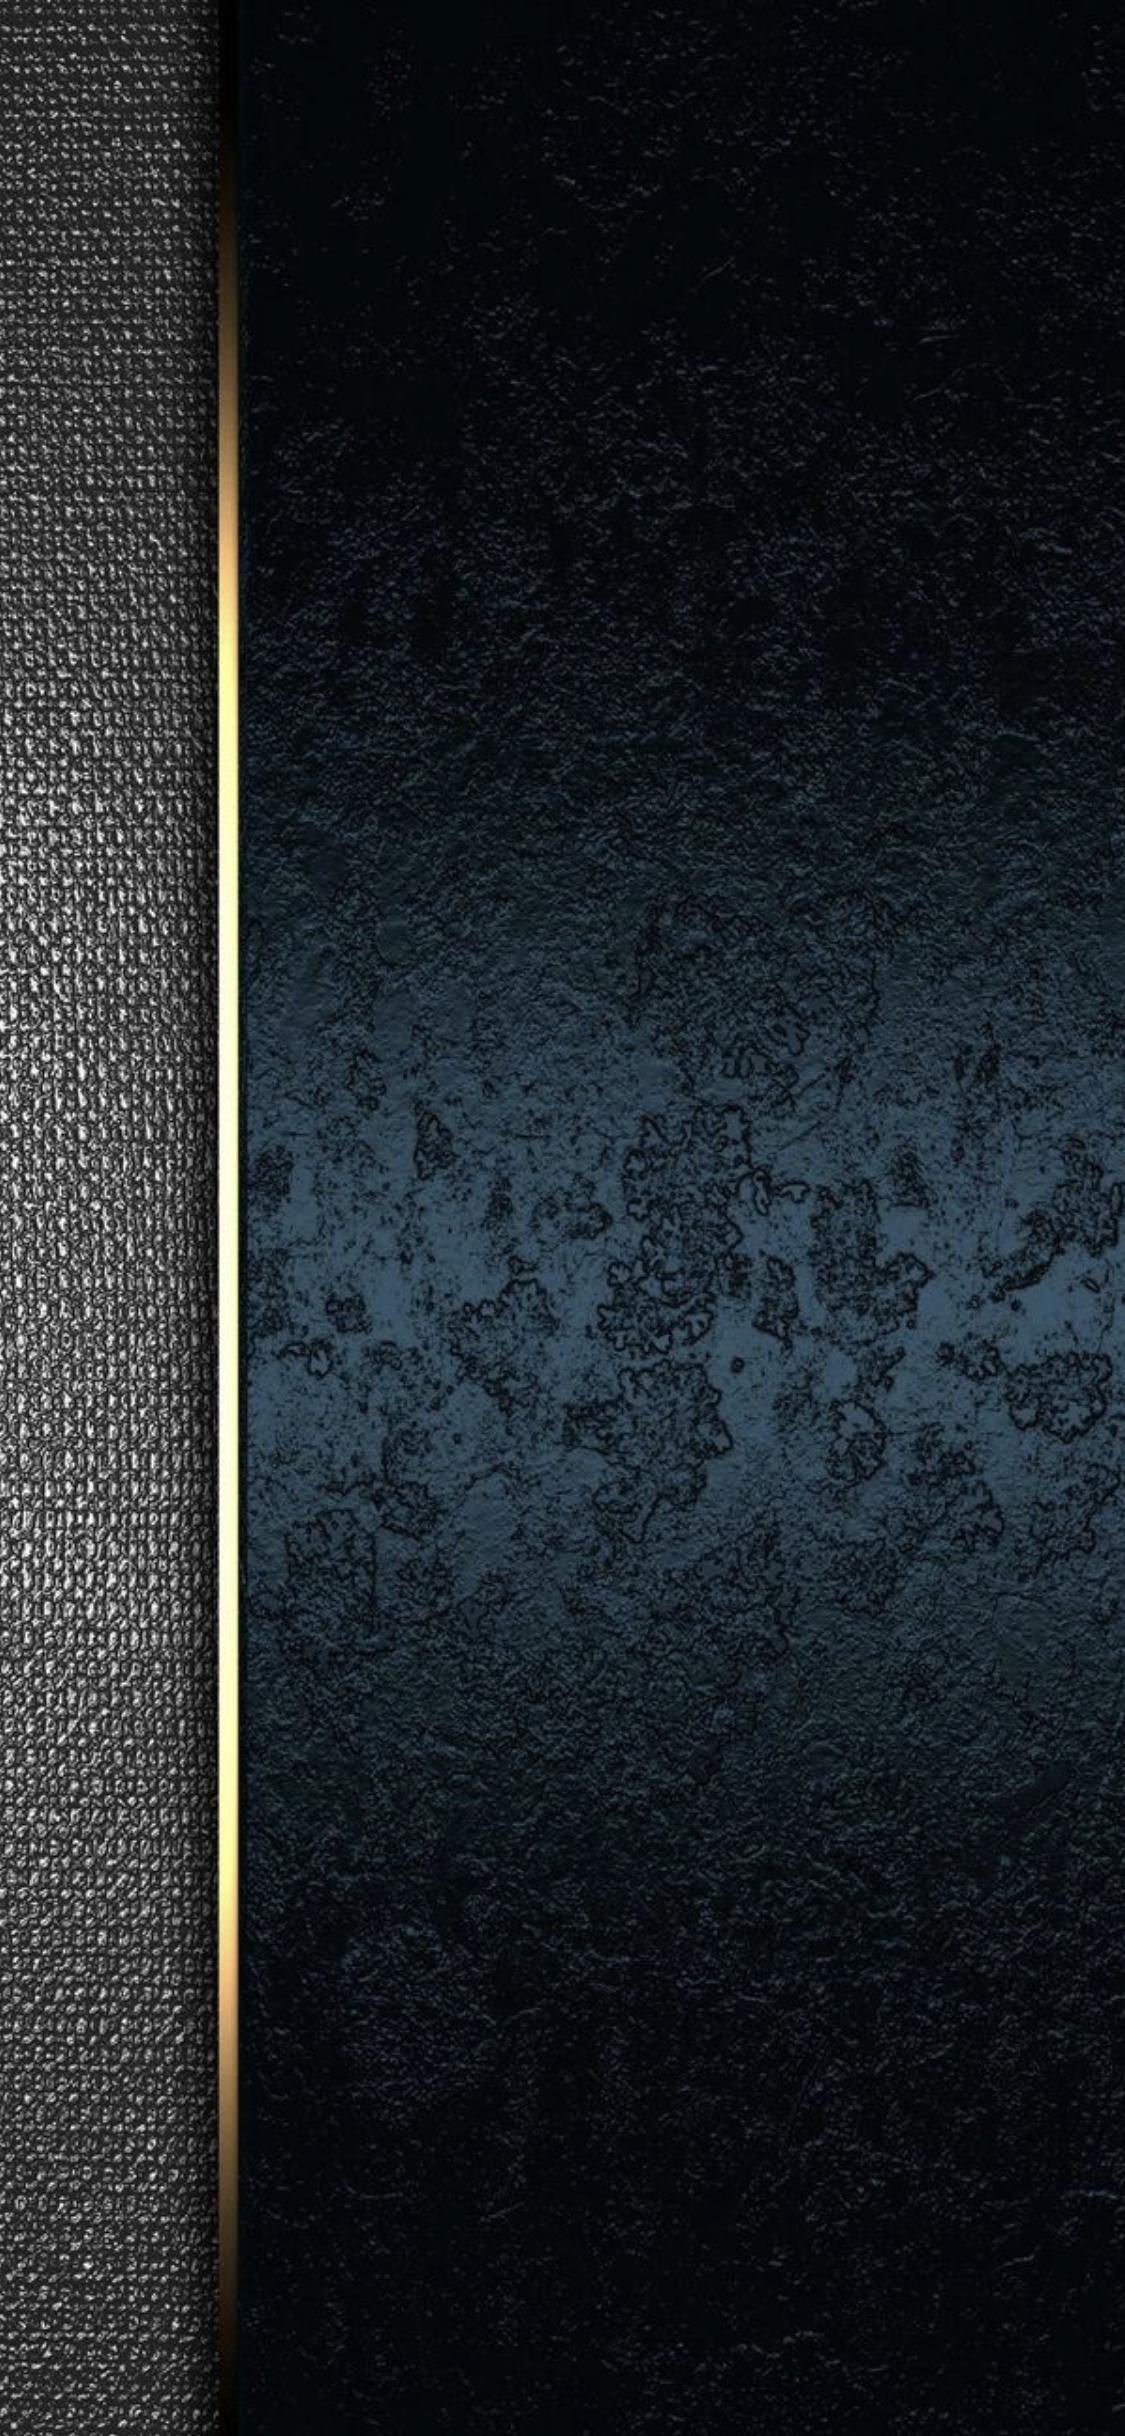 Wallpaper Iphone X Fond D Ecran Telephone Fond Ecran Ecran